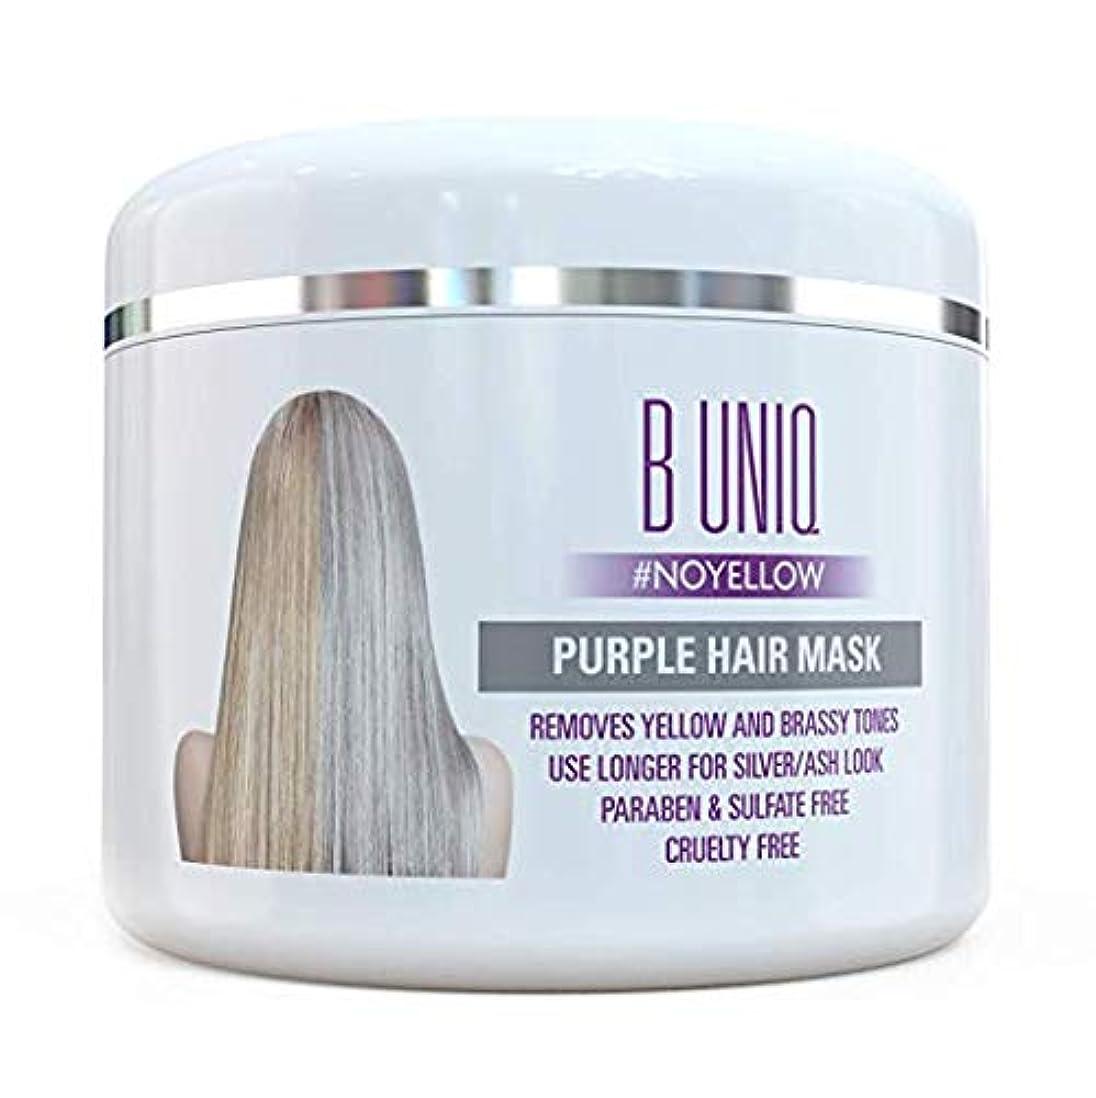 備品場合厳密に紫 ヘアマスク ヘアトナー Purple Hair Mask For Blonde, Platinum & Silver Hair - Banish Yellow Hues: Blue Masque to Reduce Brassiness & Condition Dry Damaged Hair - Sulfate Free Toner - 7.27 Fl. Oz / 215 ml 海外直送品 [並行輸入品]